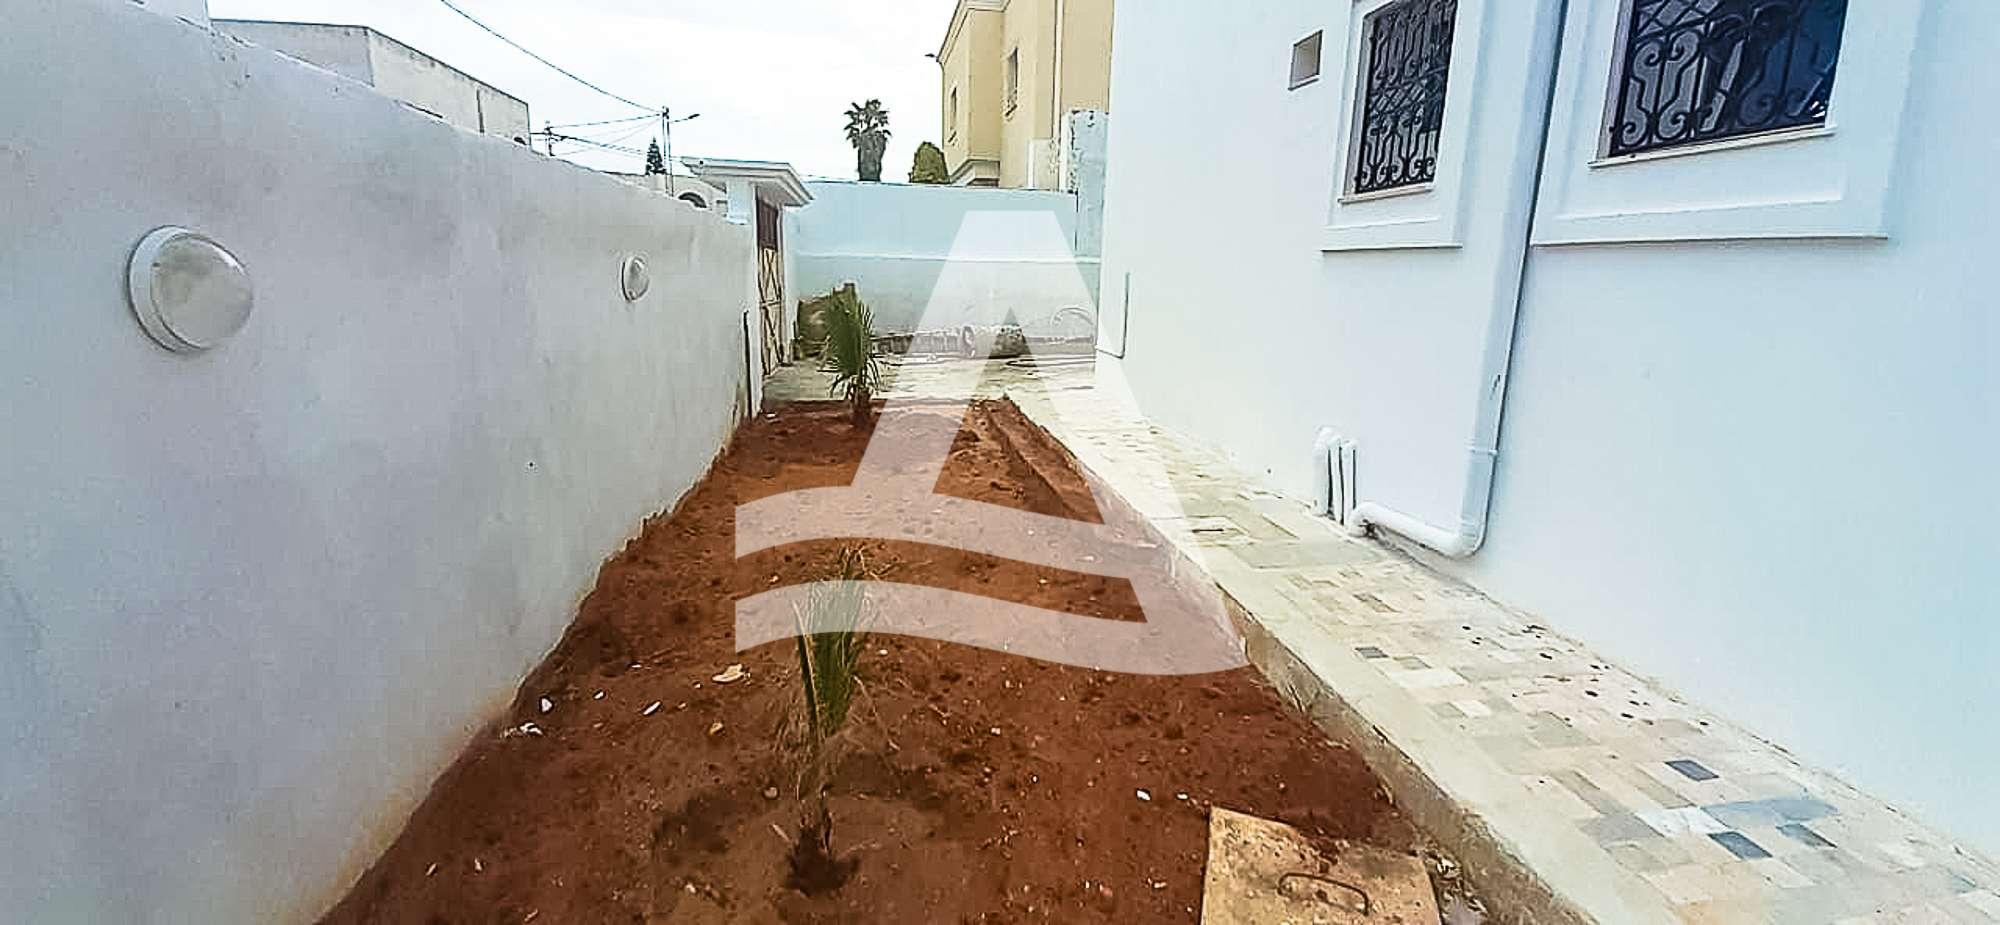 httpss3.amazonaws.comlogimoaws_Arcane_immobilière_la_Marsa-_location_-_vente_la_marsa__-2_1583581616899